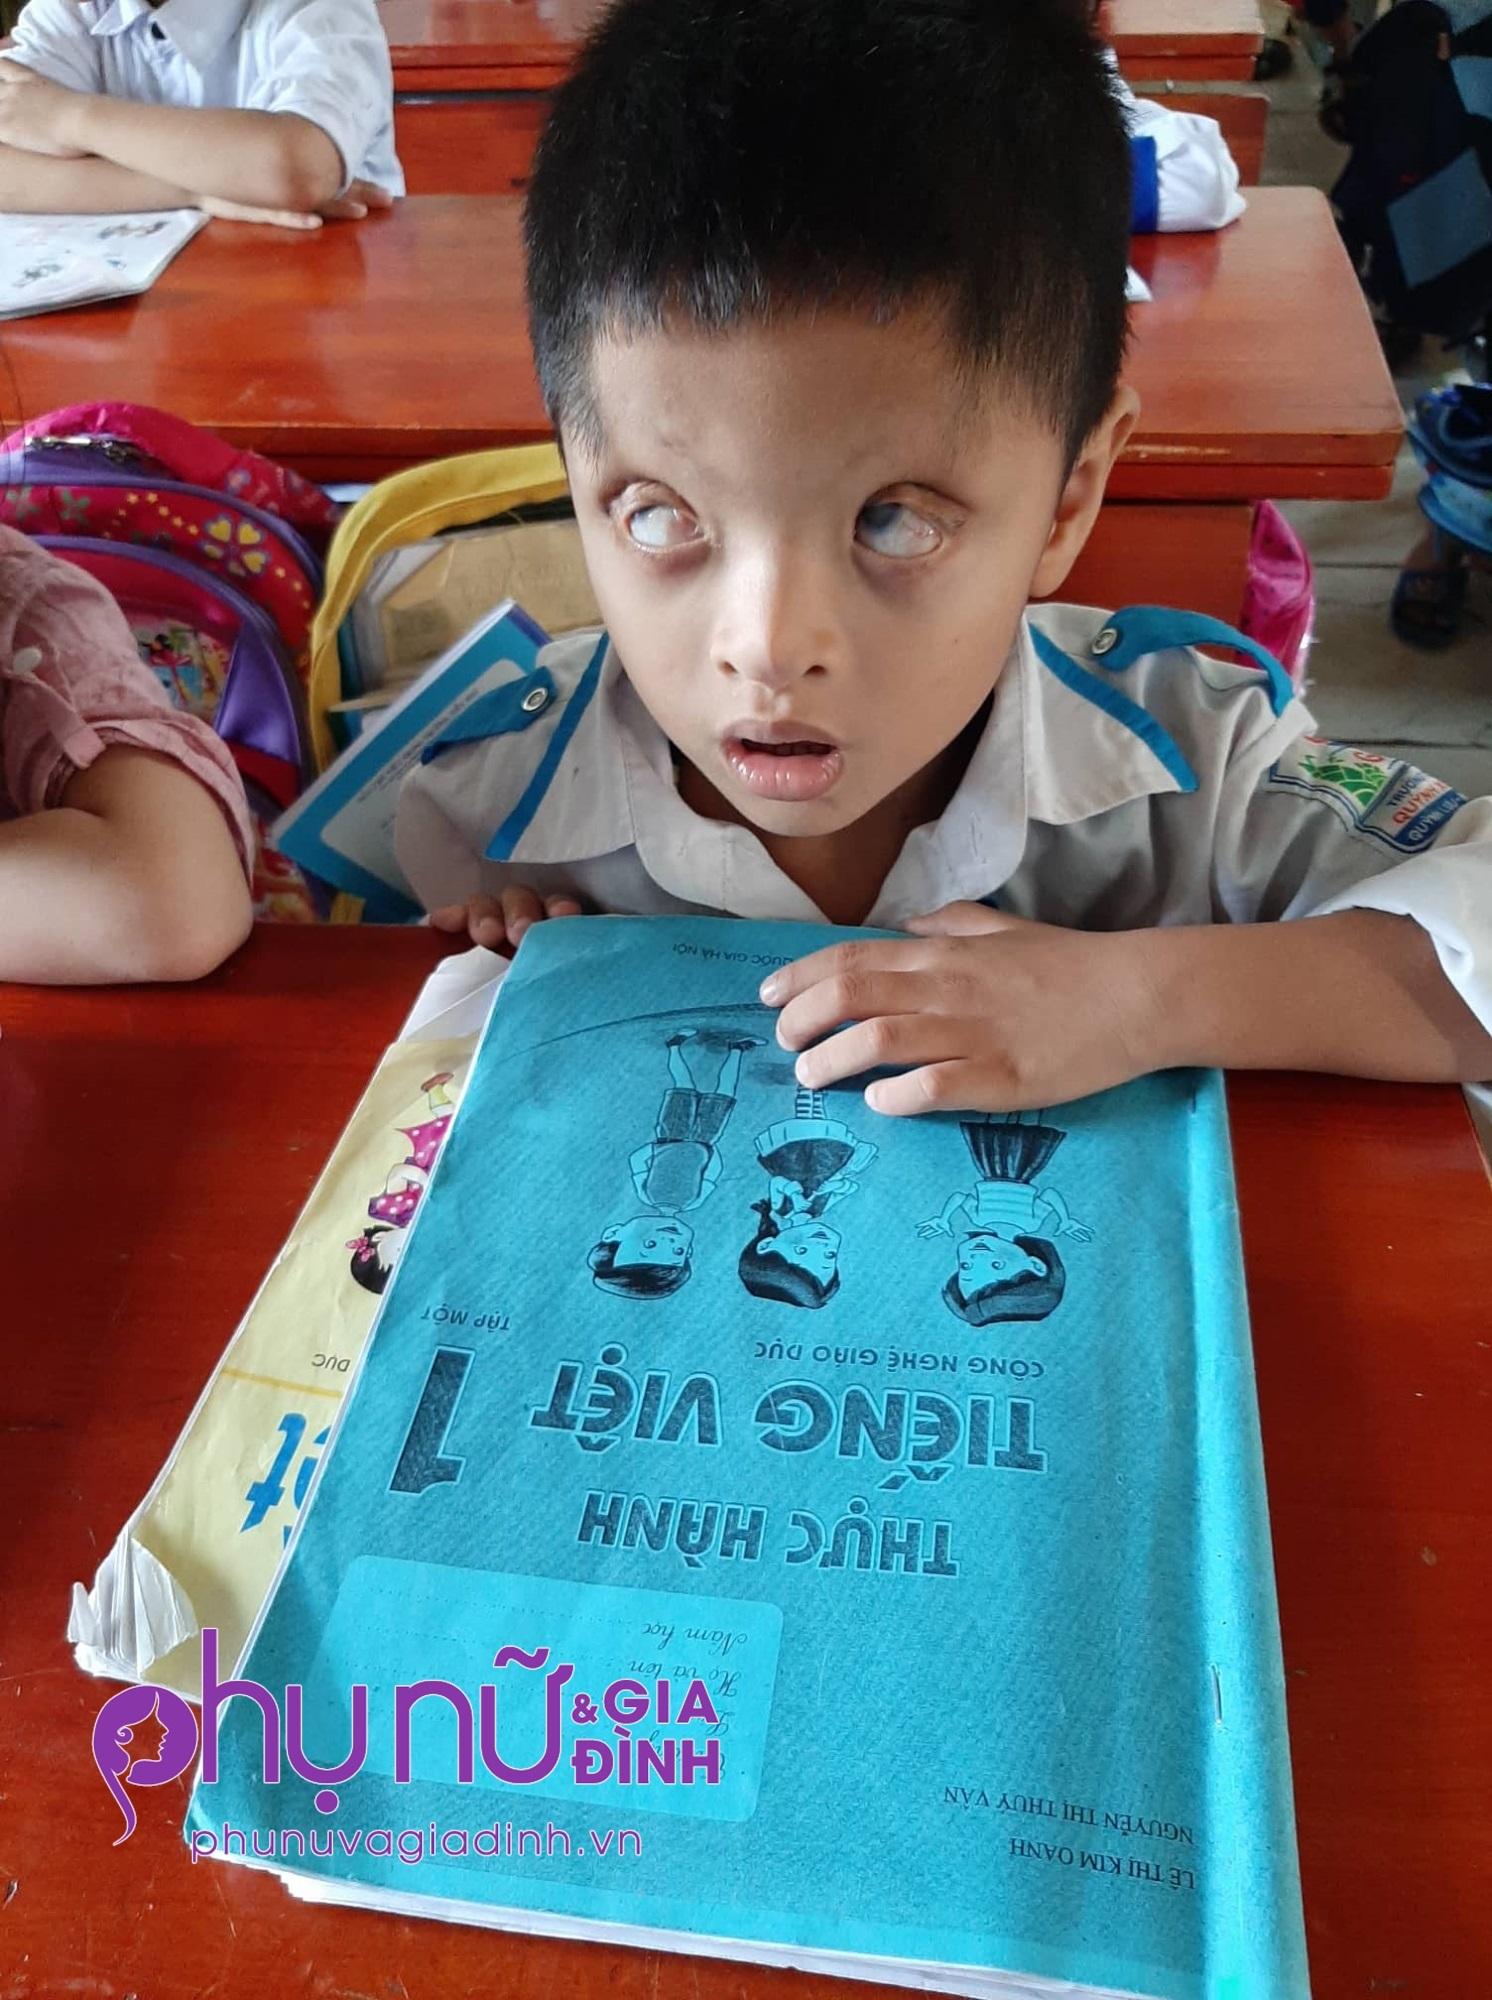 Nghị lực sống phi thường và khát vọng đến trường của cậu bé 6 tuổi có đôi mắt chỉ nhìn thấy 2% ánh sáng - Ảnh 1